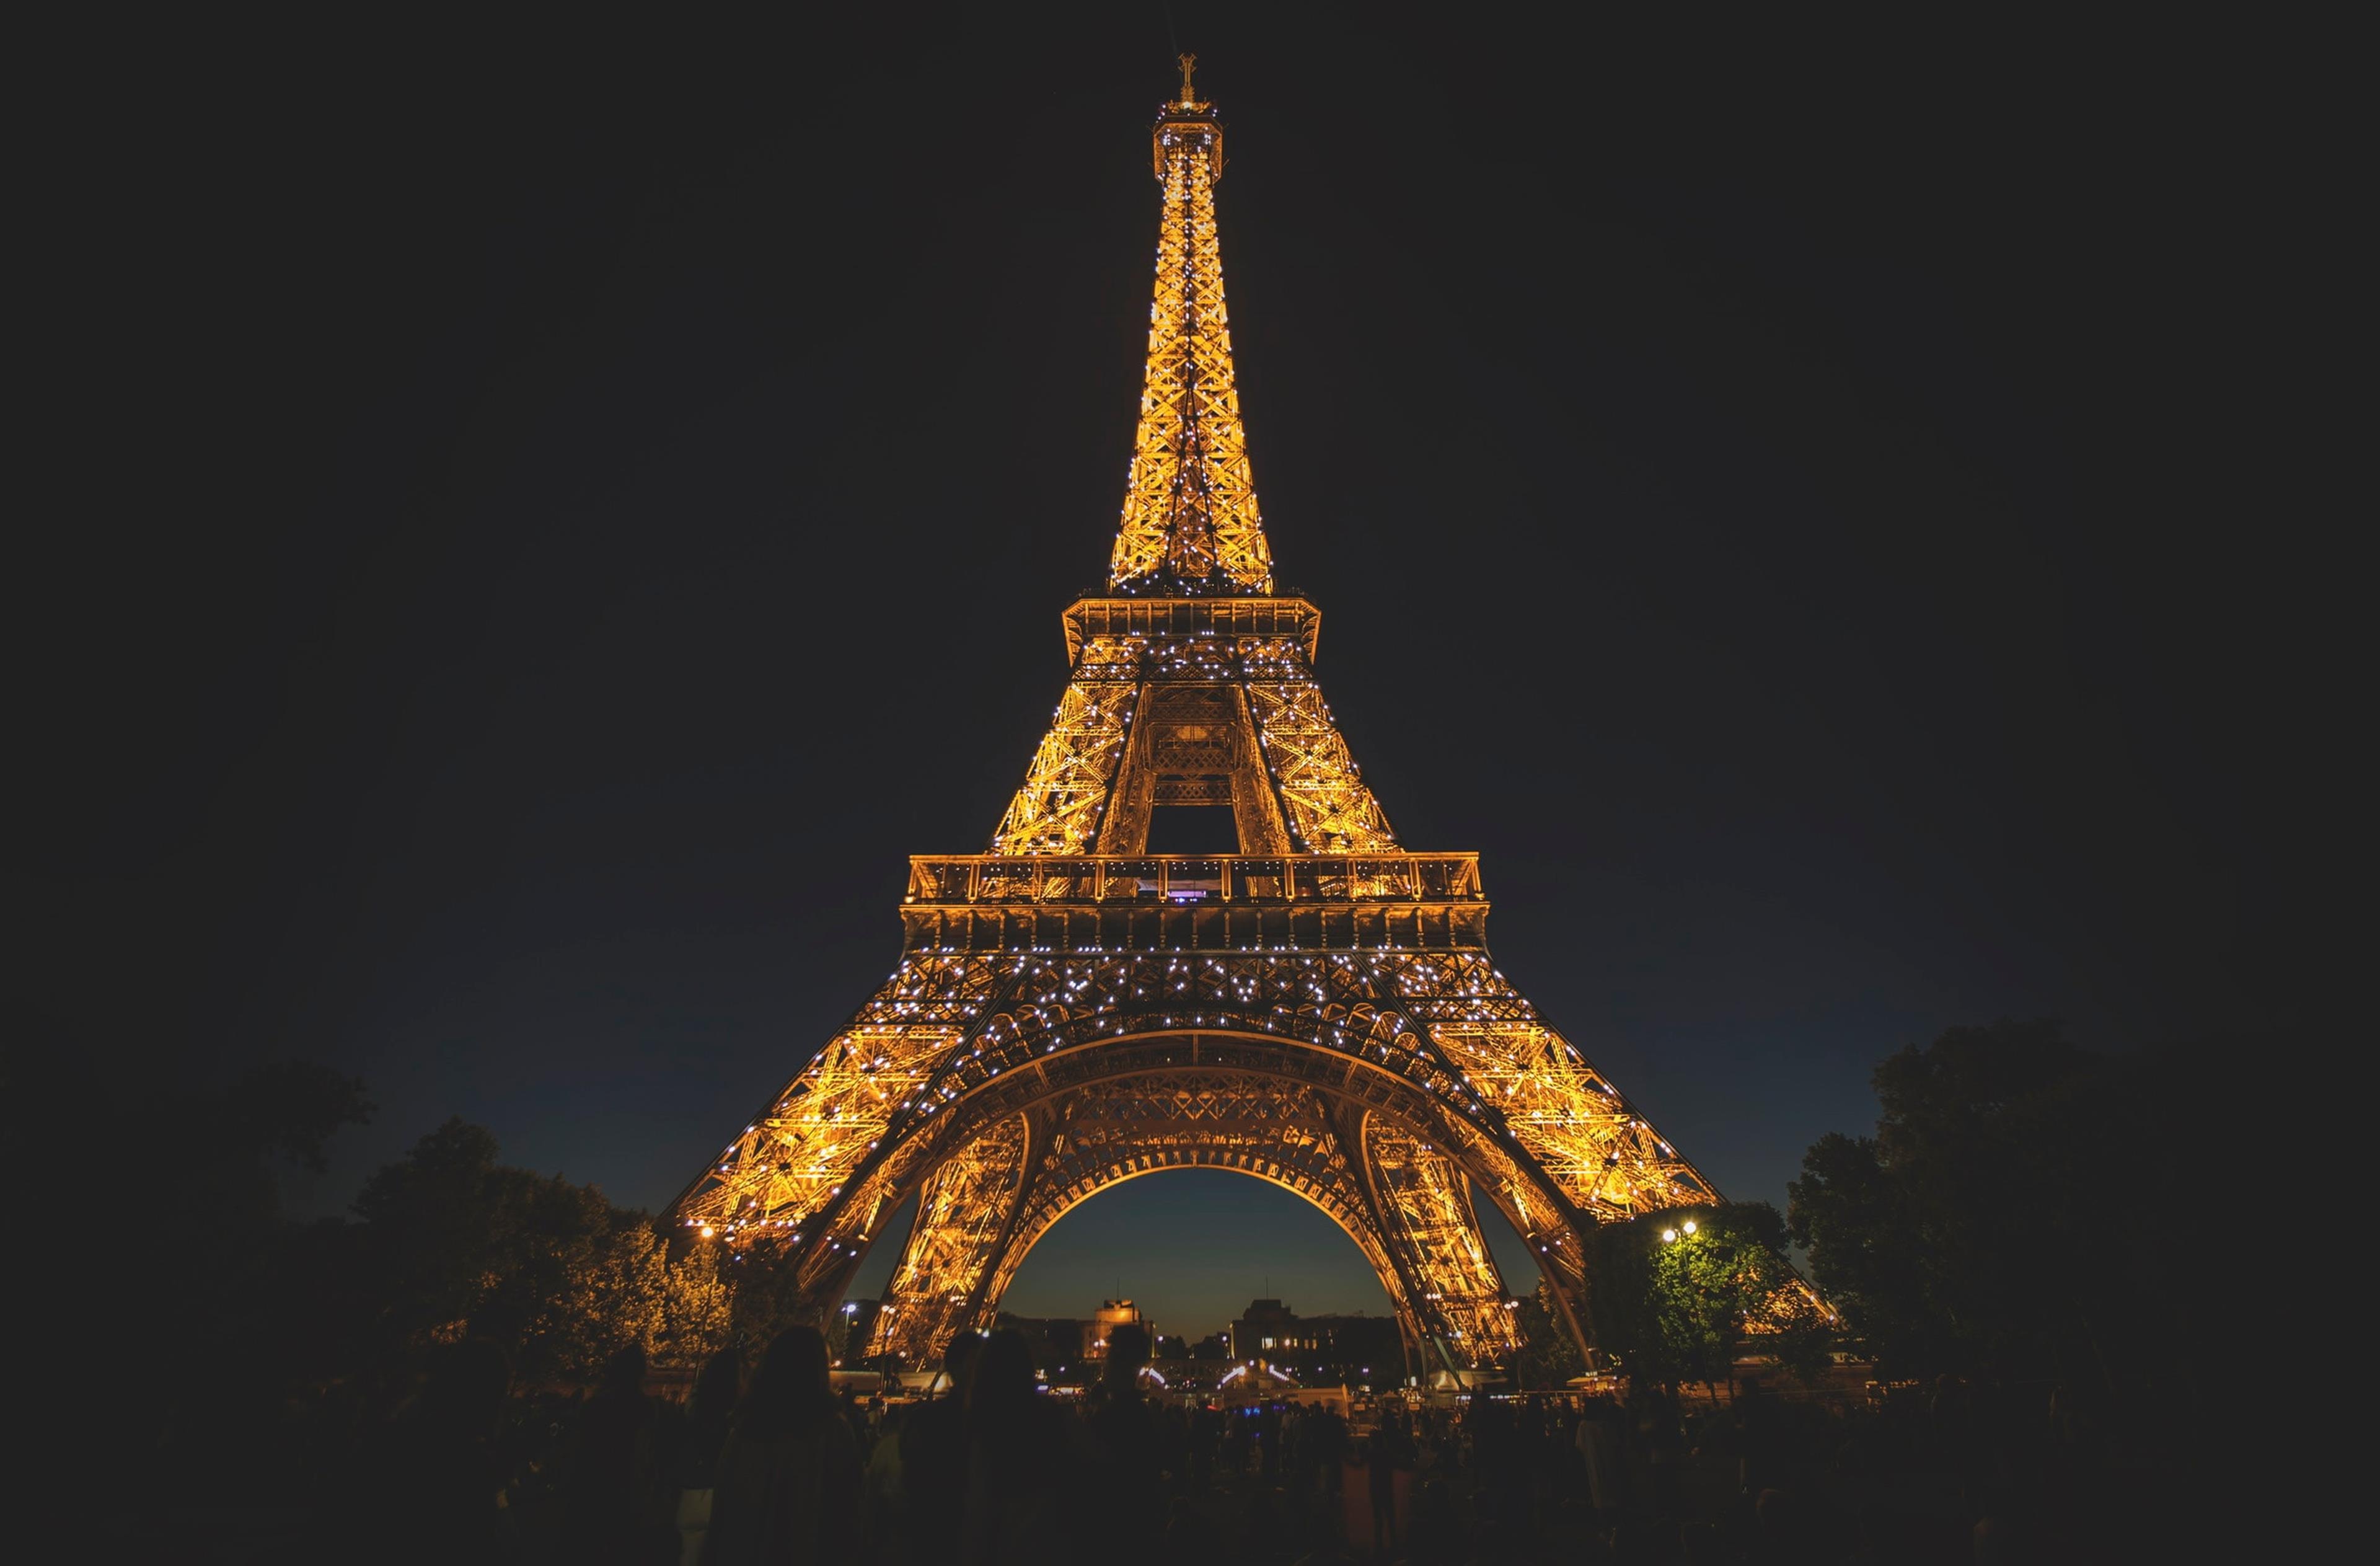 La Tour Eiffel di Parigi illuminata di notte